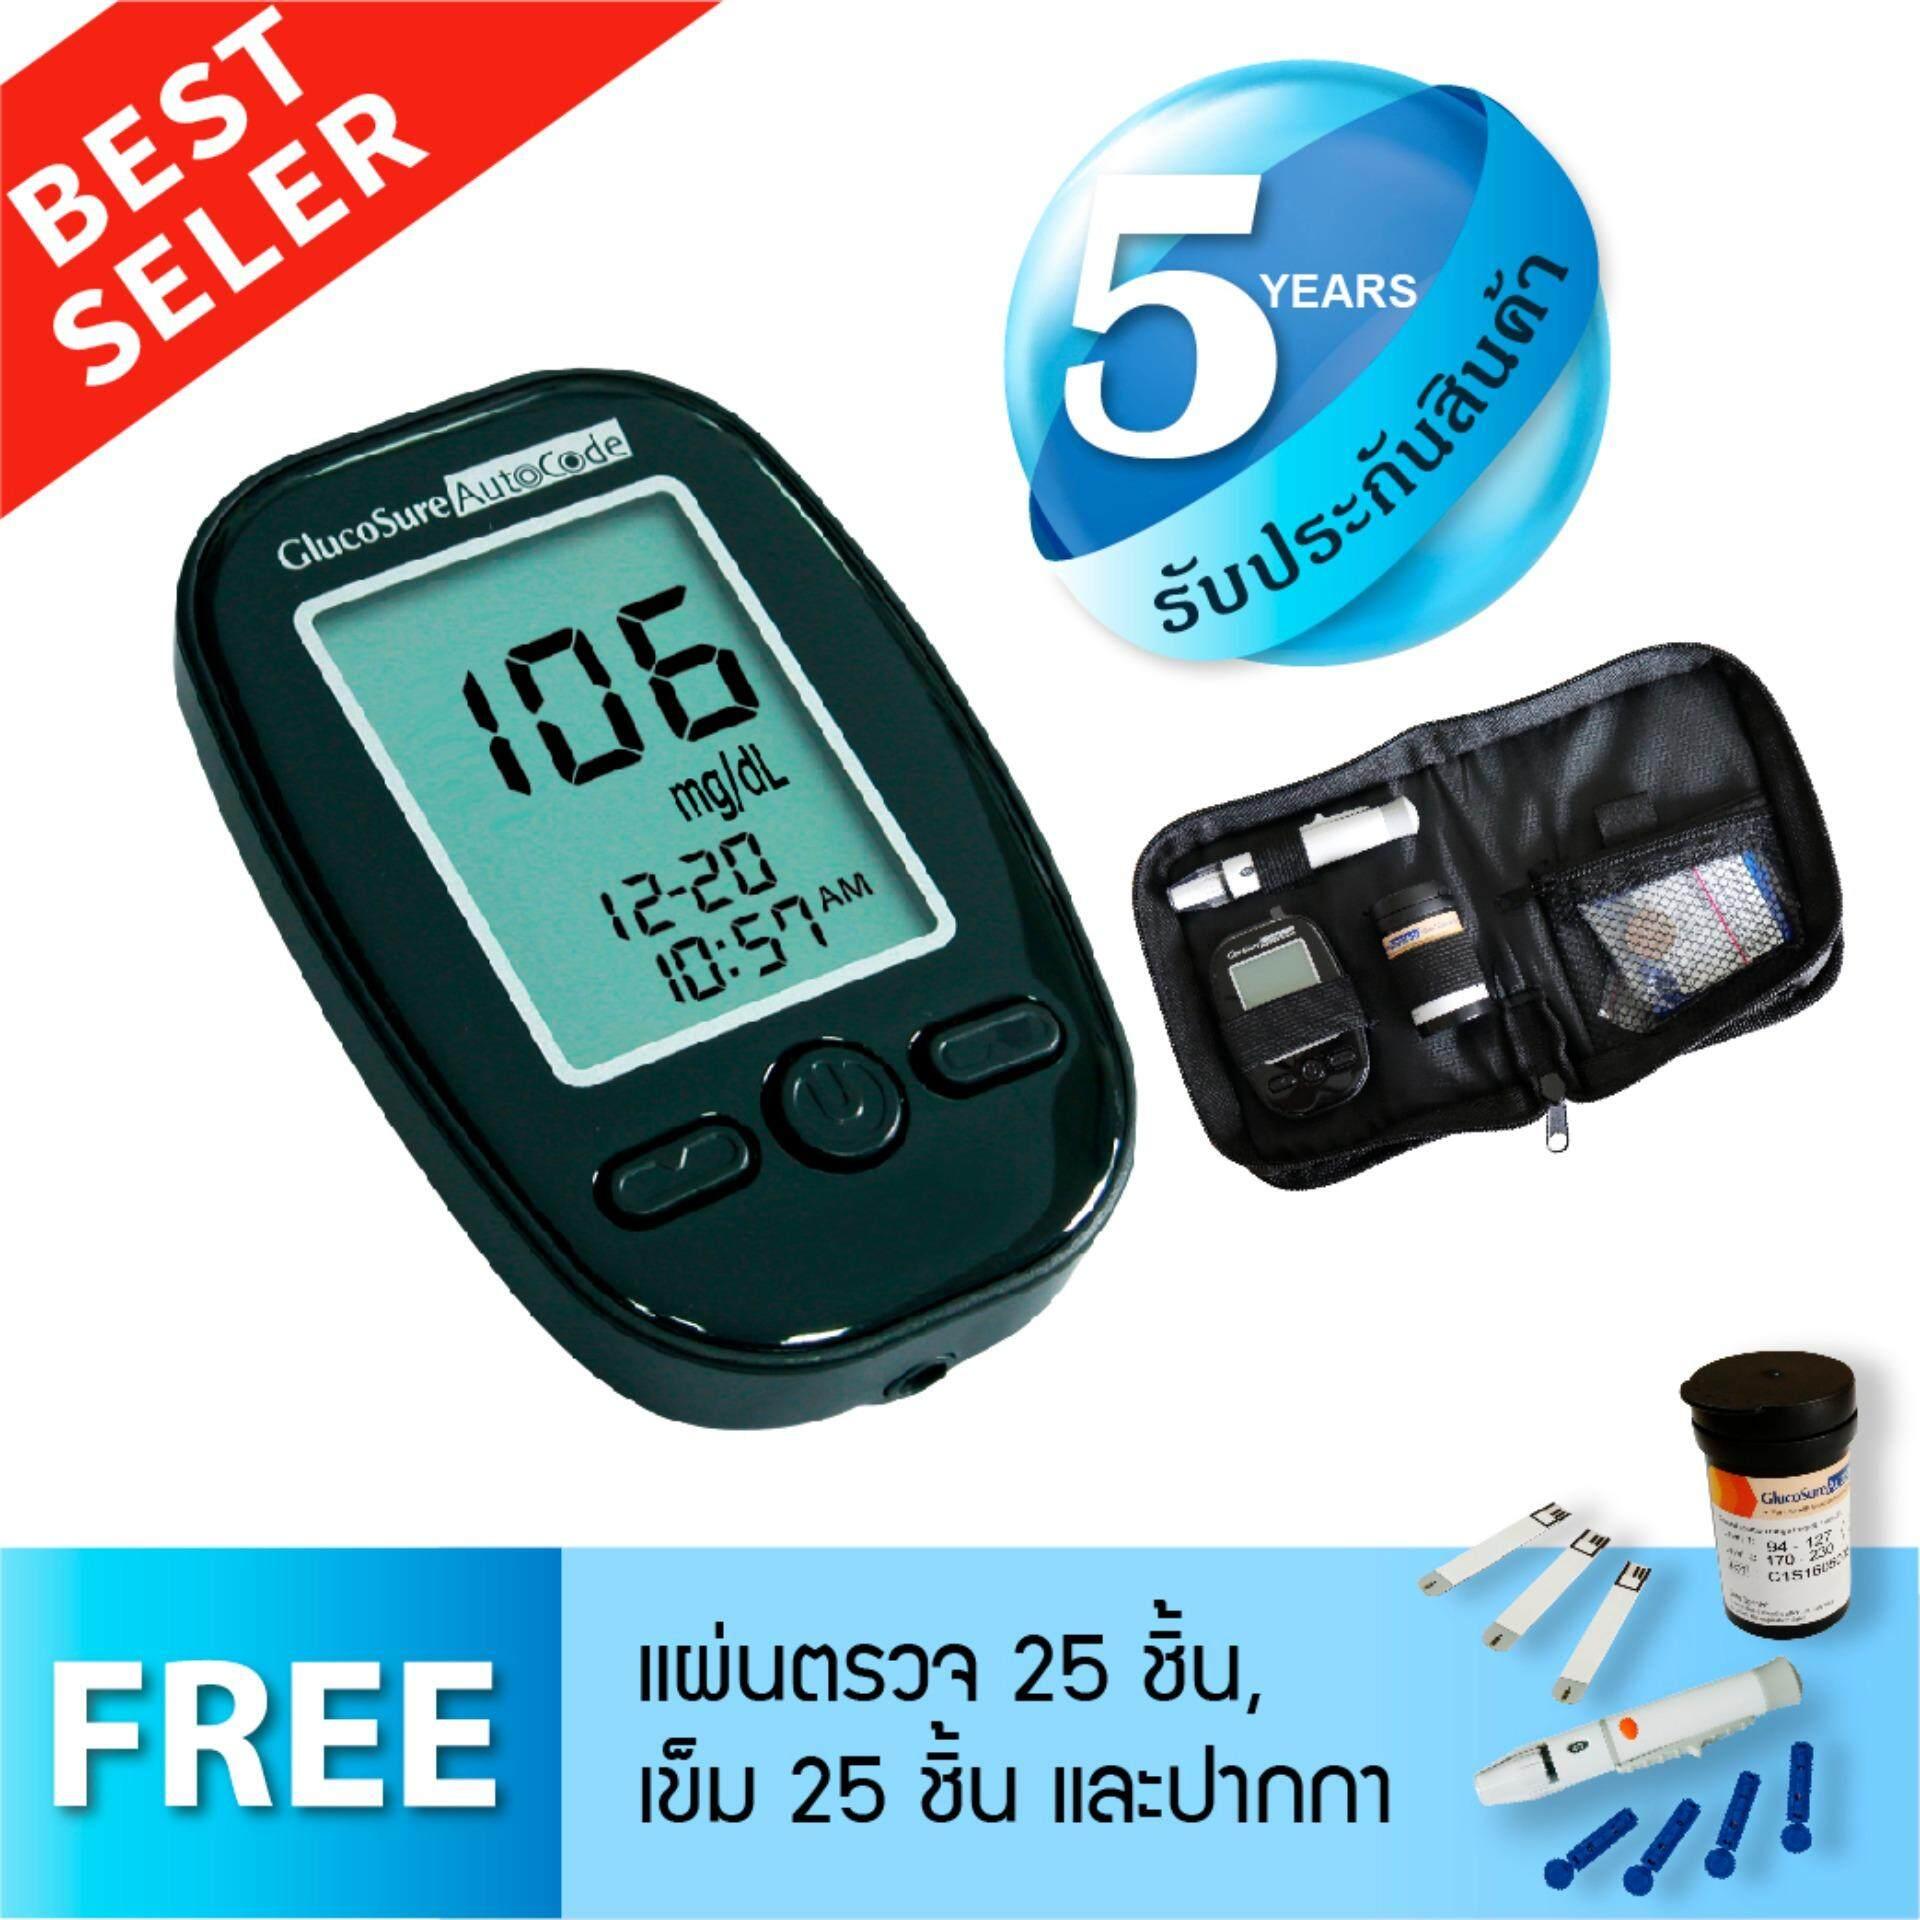 ซื้อ Glucosure Autocode เครื่องวัดน้ำตาลในเลือด Glucosure เป็นต้นฉบับ